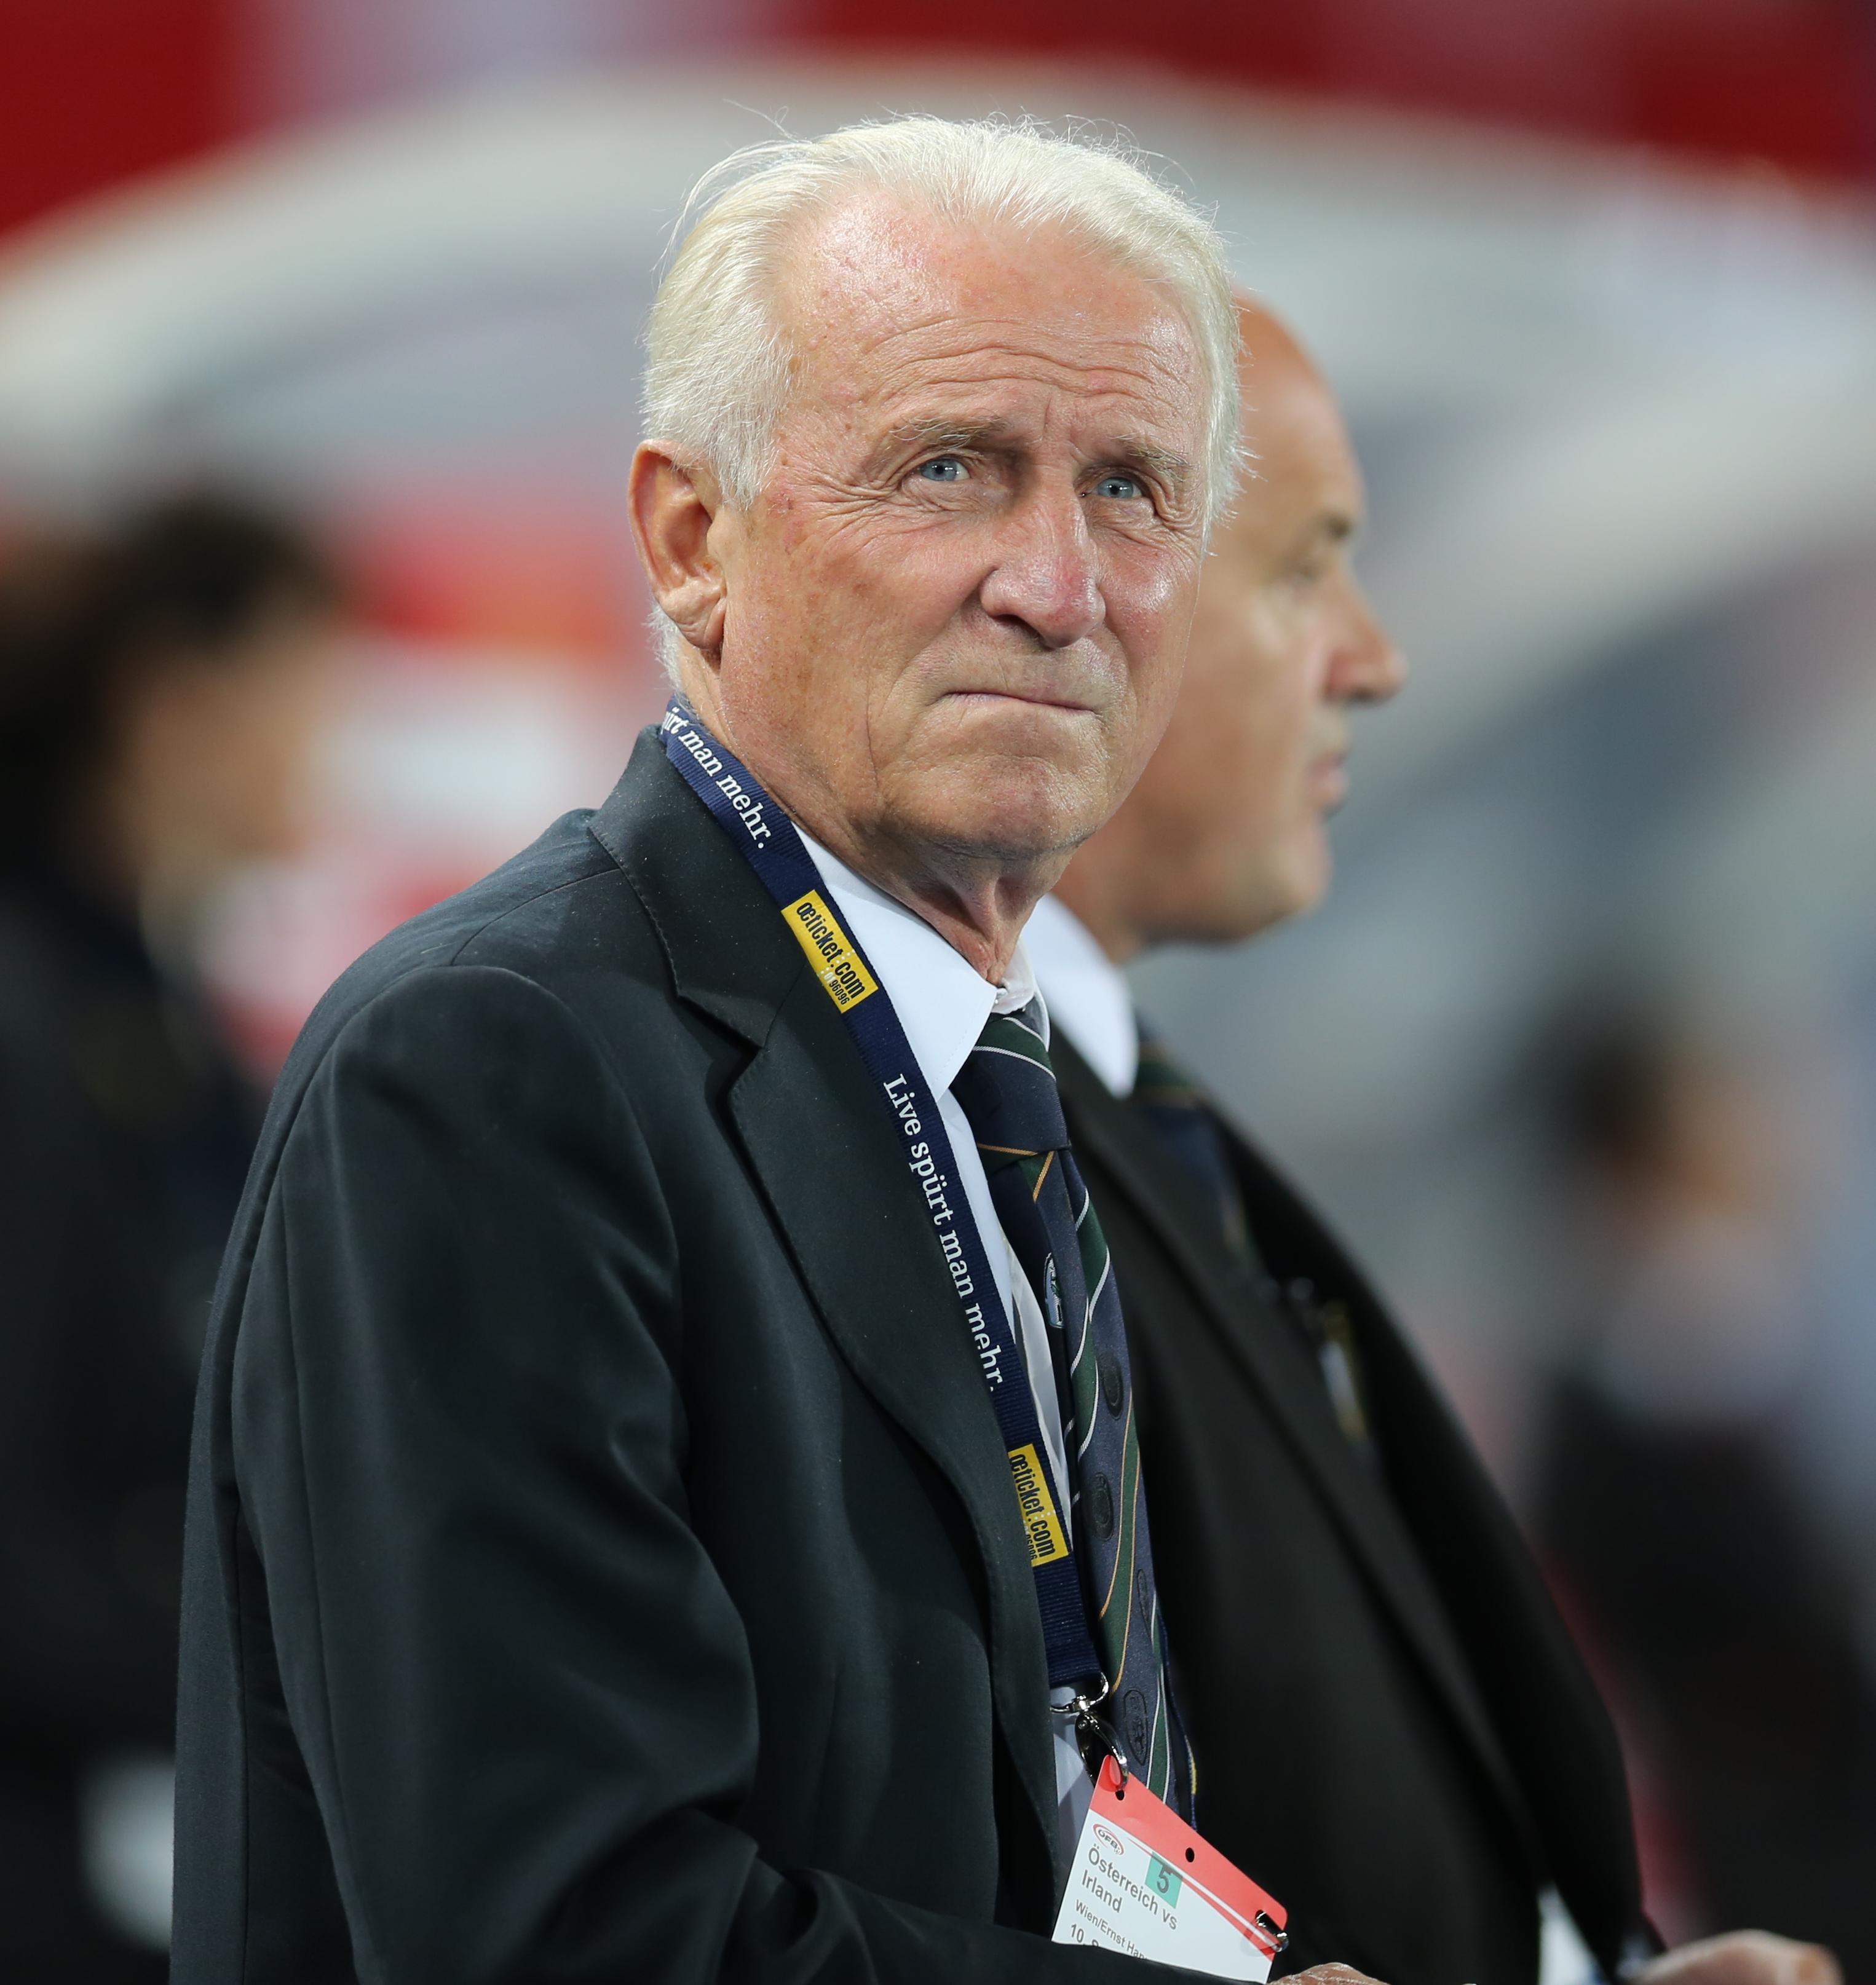 FIFA_WC-qualification_2014_-_Austria_vs_Ireland_2013-09-10_-_Giovanni_Trapattoni_05.JPG